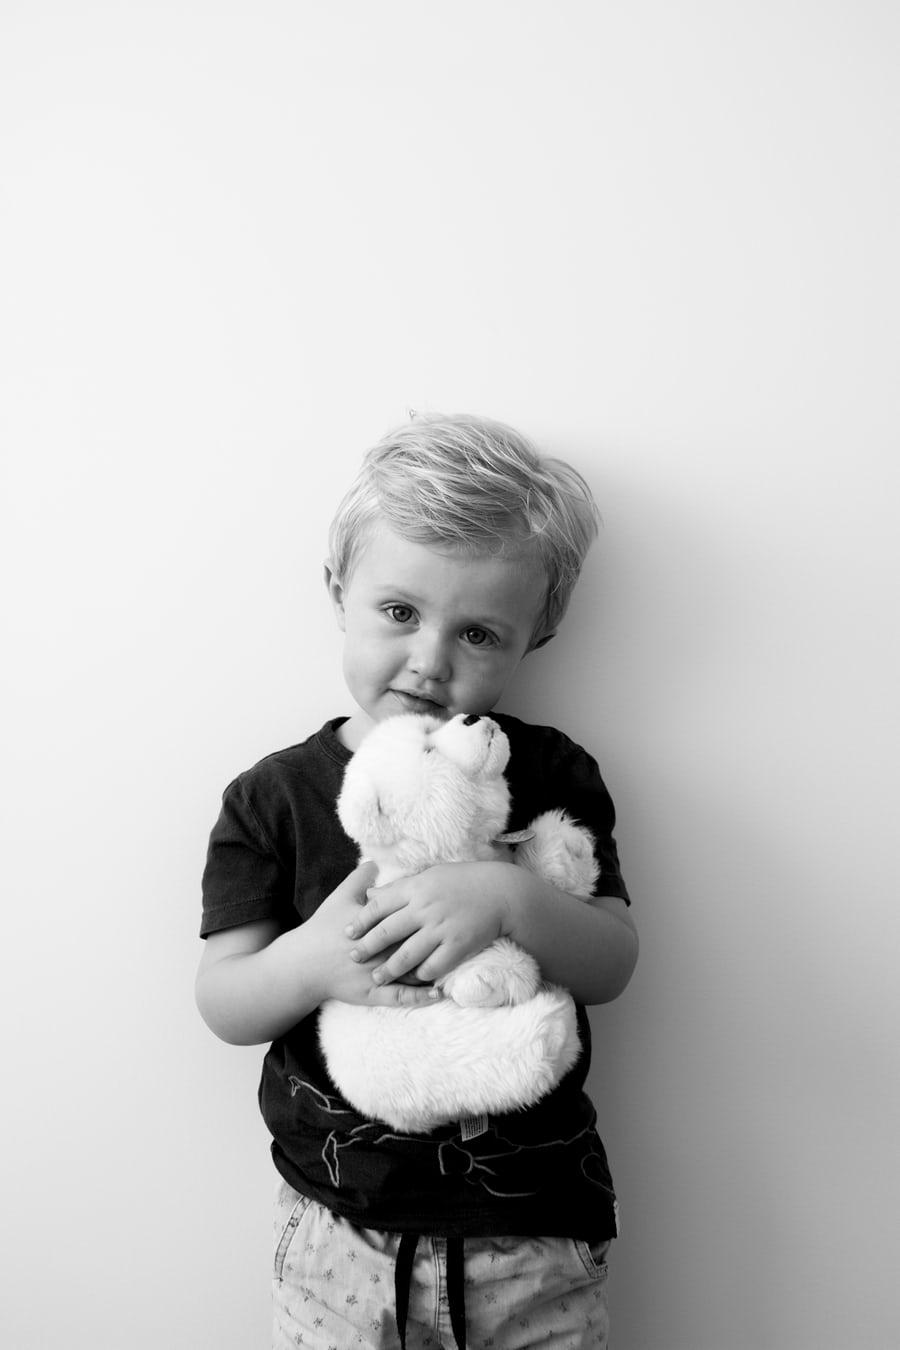 Hal yang Perlu Diperhatikan Untuk Anak Laki-Laki